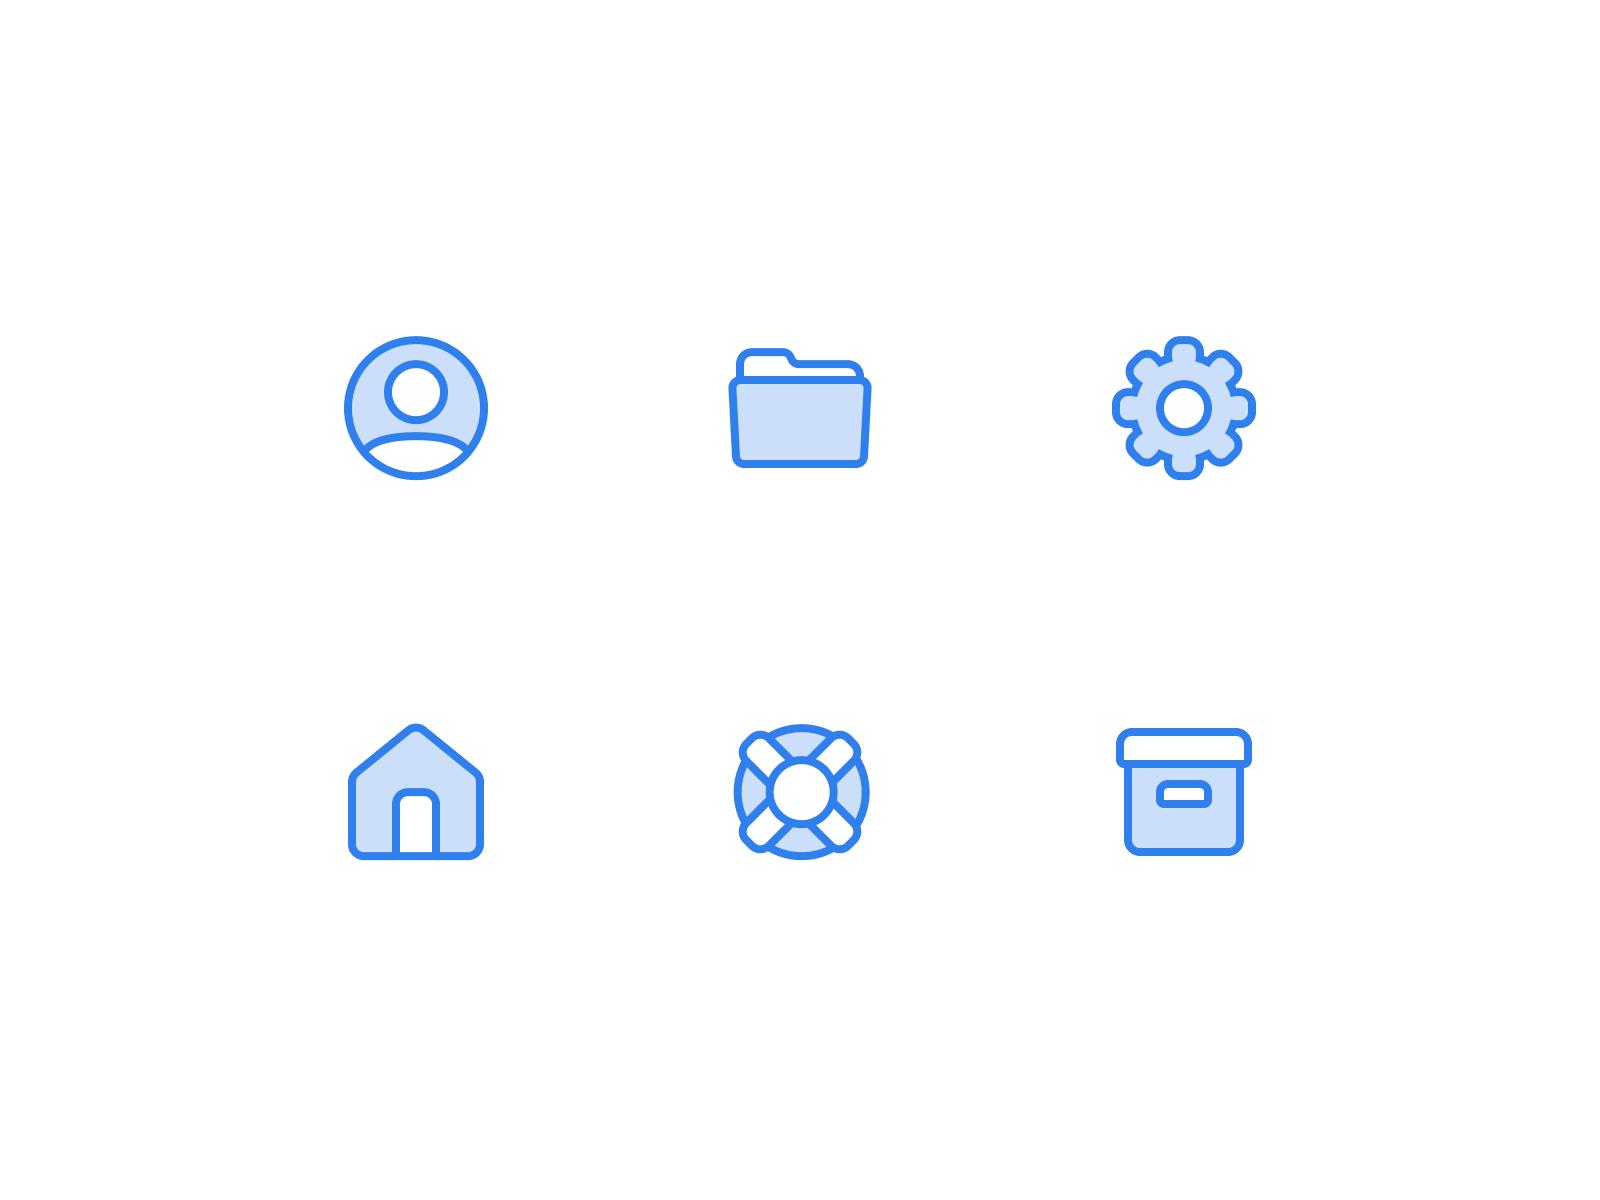 Icons 4x